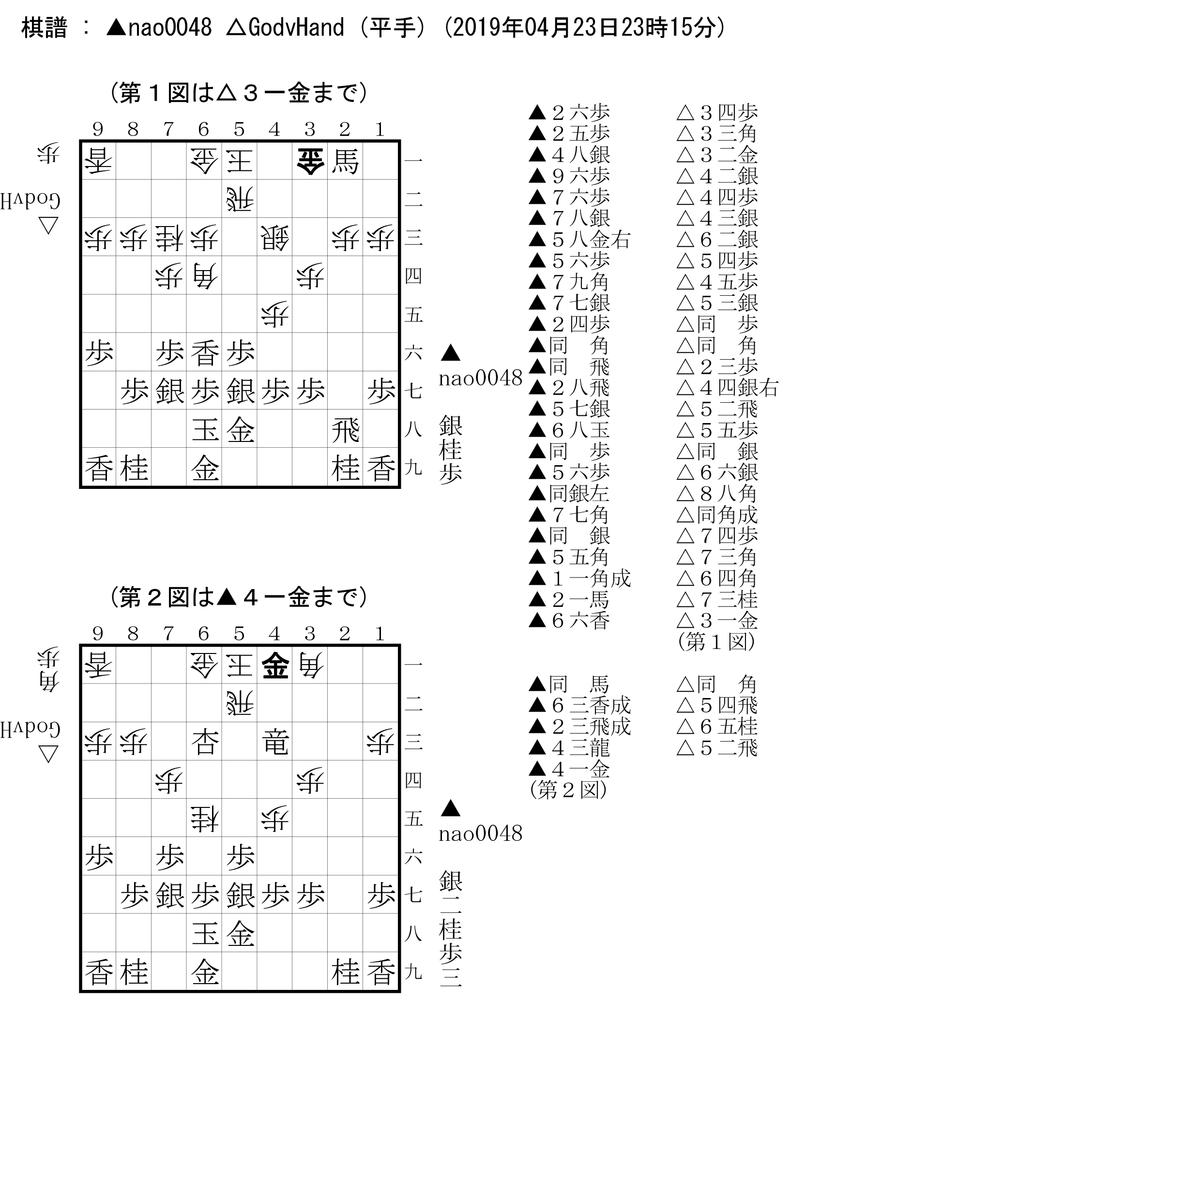 f:id:nao0048:20190423234826p:plain